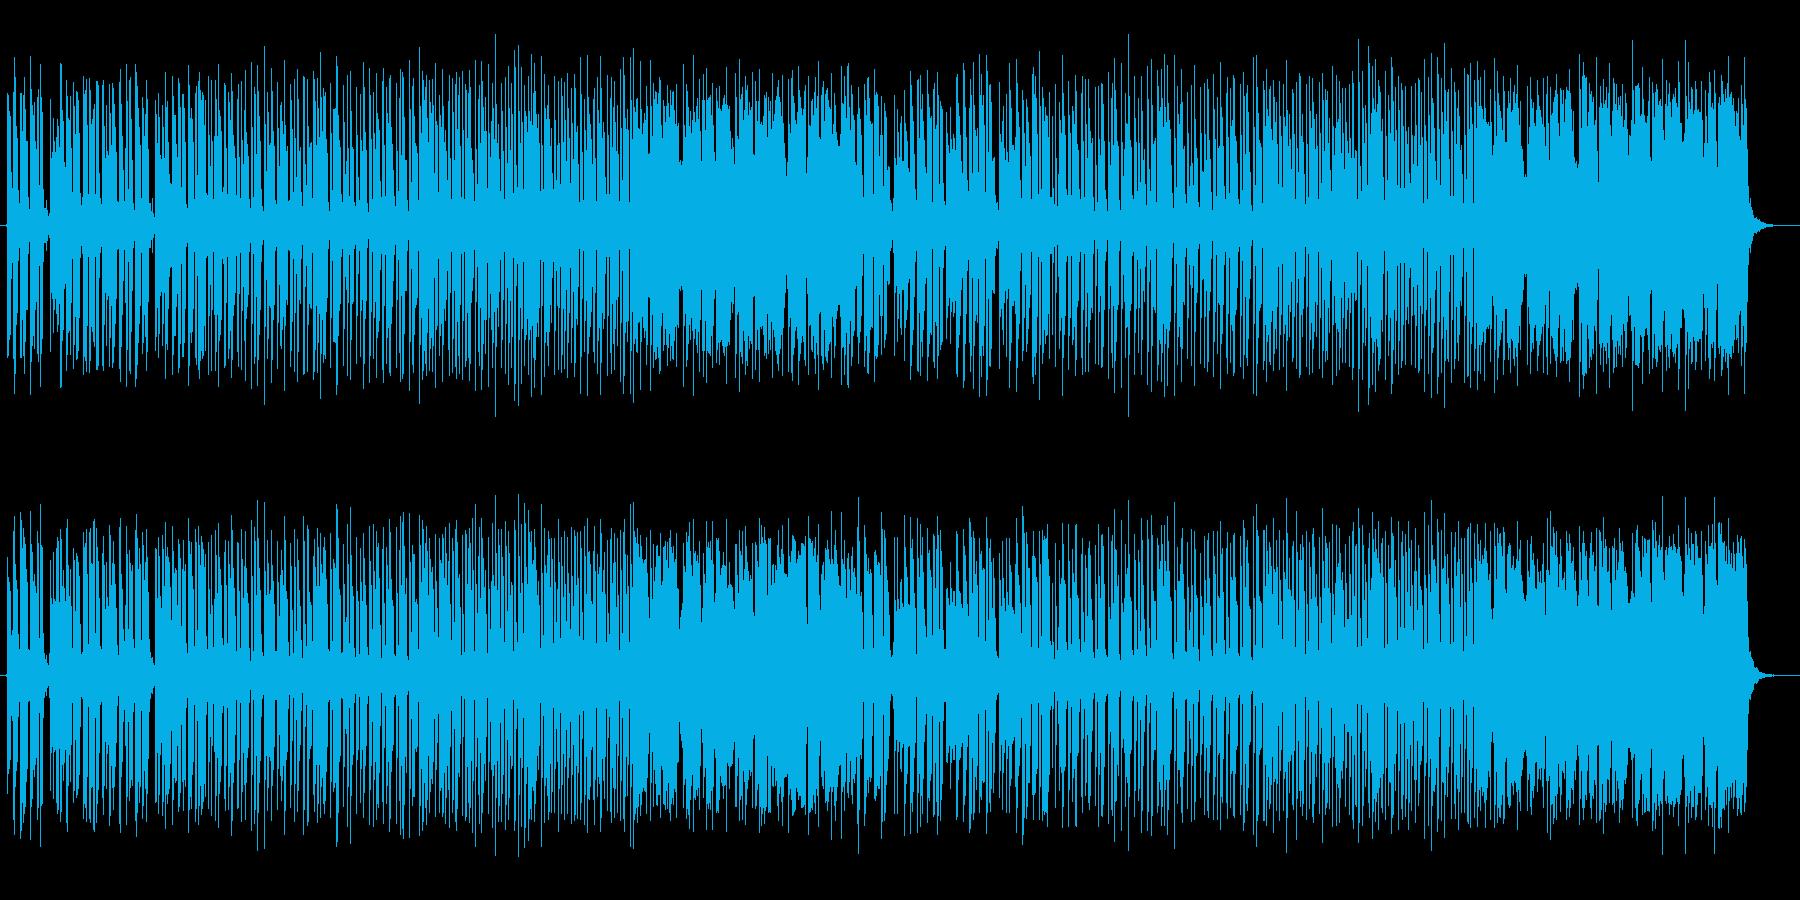 リズミカルで楽しいおしゃれなポップスの再生済みの波形